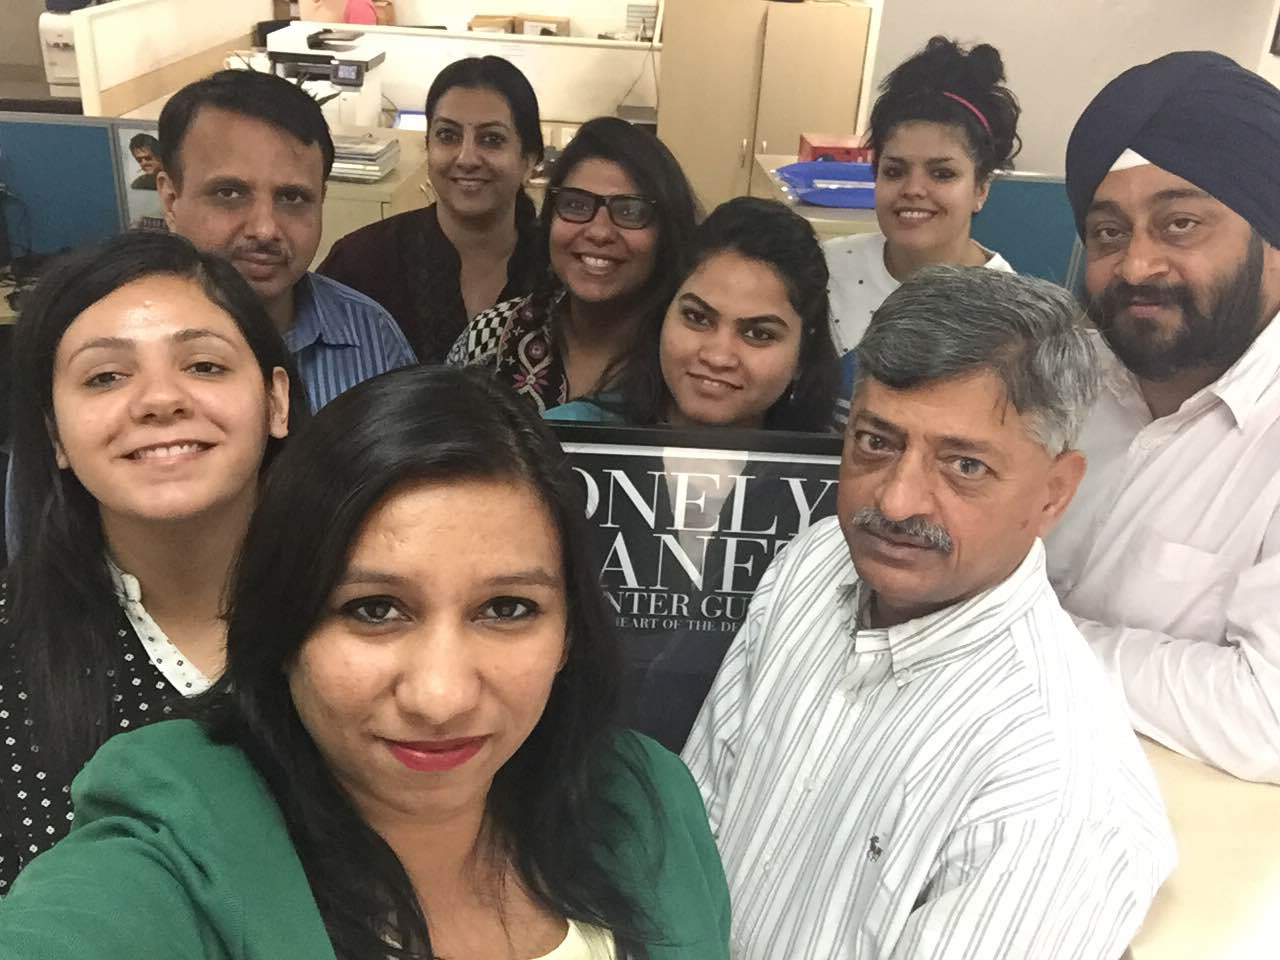 Selfie of Employees in an Office